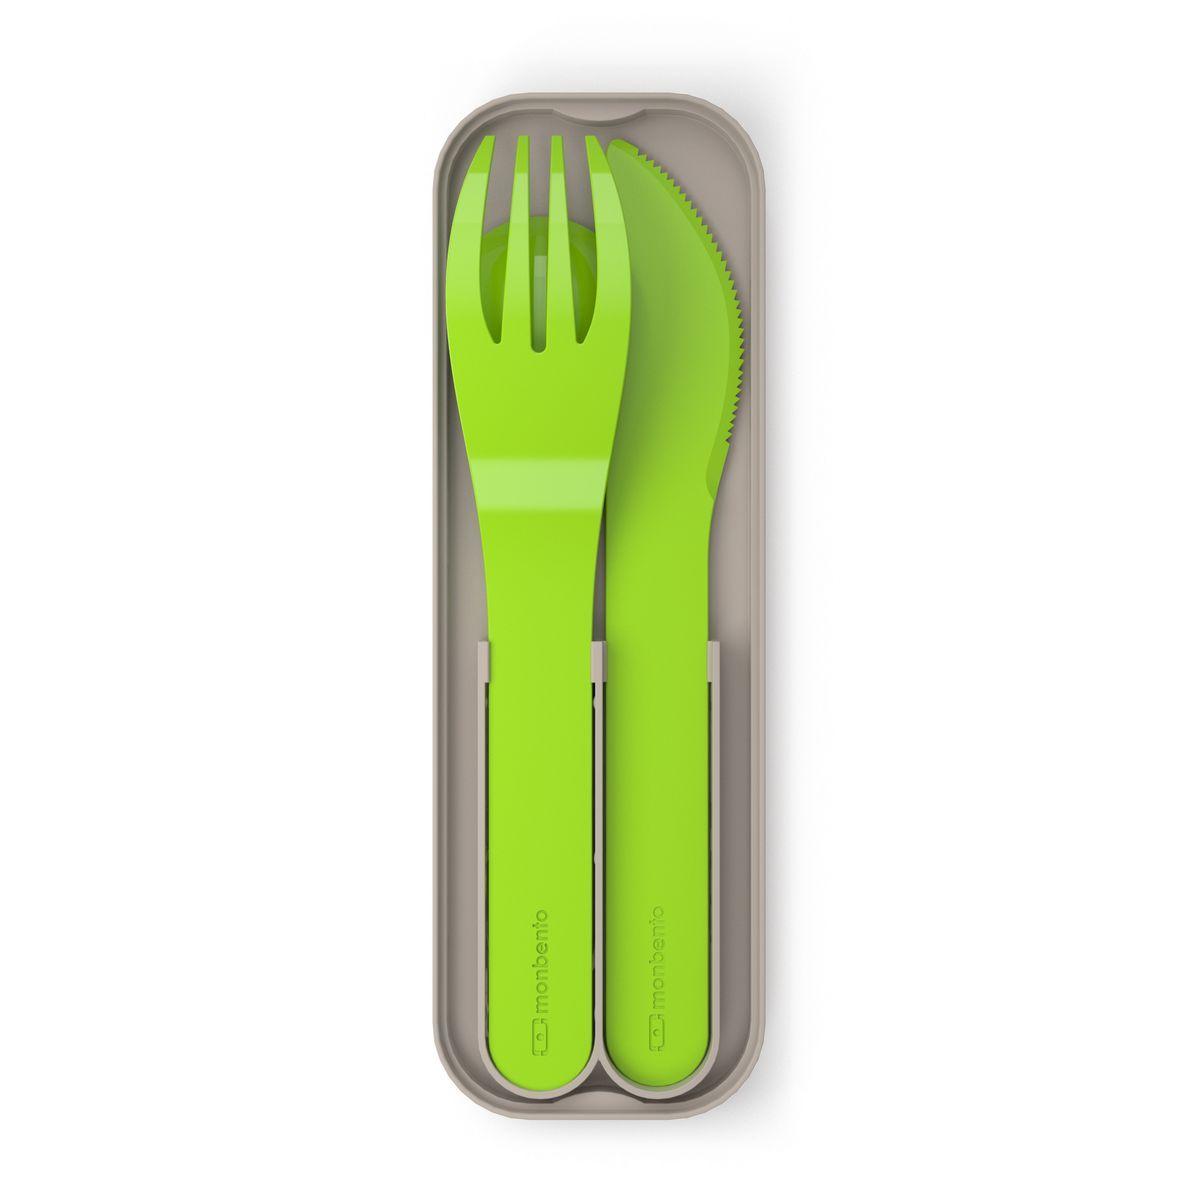 Набор столовых приборов Monbento Pocket, цвет: зеленый, 4 предмета1007 02 005Набор столовых приборов Monbento Pocket состоит из ложки, вилки и ножа. Изделия выполнены из нержавеющей стали с матовой полировкой. Набор поставляется в компактном пластиковом футляре, который удобно носить с собой. Не важно, собираетесь ли вы в поездку или обедаете на рабочем месте - набор Monbento Pocket подойдет для любого случая. Набор соответствует размерам крышки ланч-боксов Monbento Original и Monbento Single. Вы сможете легко зафиксировать столовые приборы для удобной переноски. Столовые приборы можно мыть в посудомоечной машине. Длина вилки/ножа: 14 см. Длина ложки: 11,5 см. Размер футляра: 14,5 см х 4,5 см х 1,5 см.